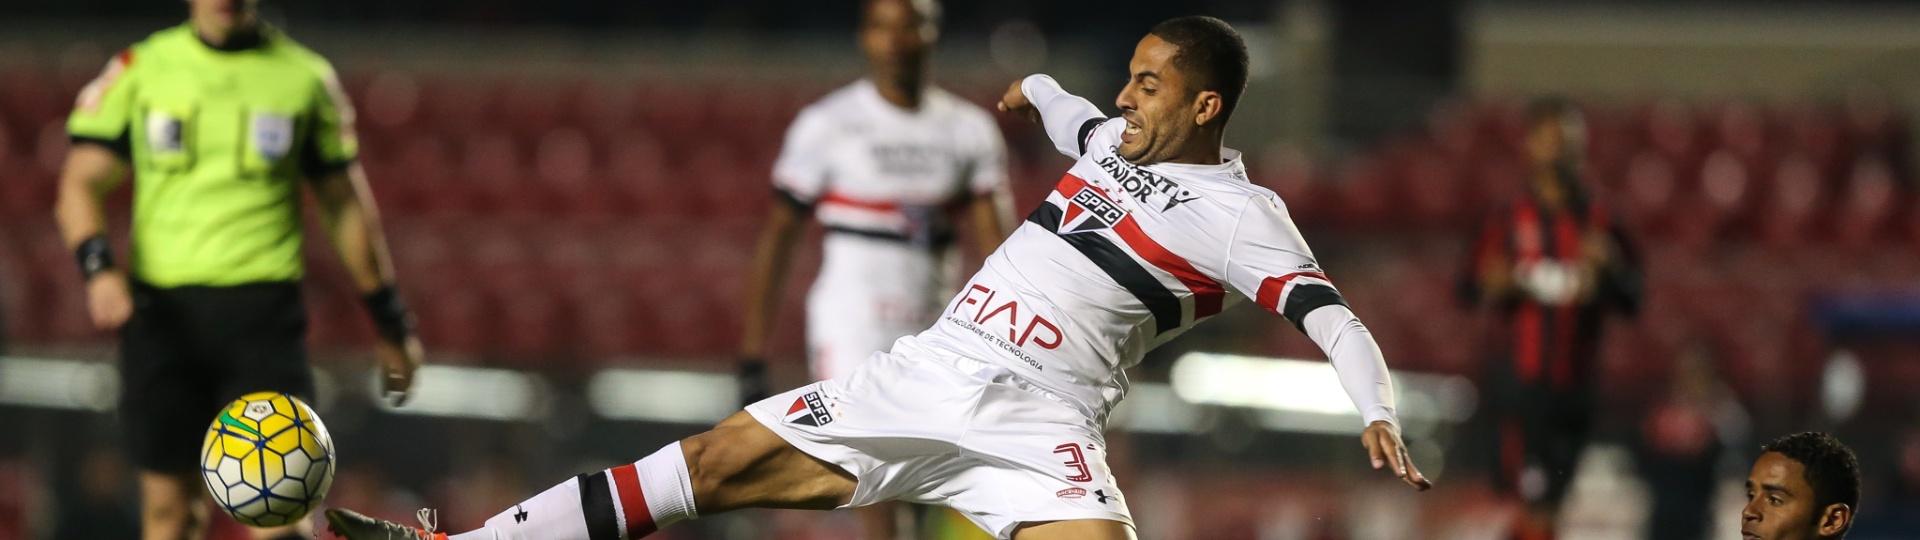 Ytalo tenta alcançar a bola na partida entre São Paulo e Atlético-PR pelo Campeonato Brasileiro